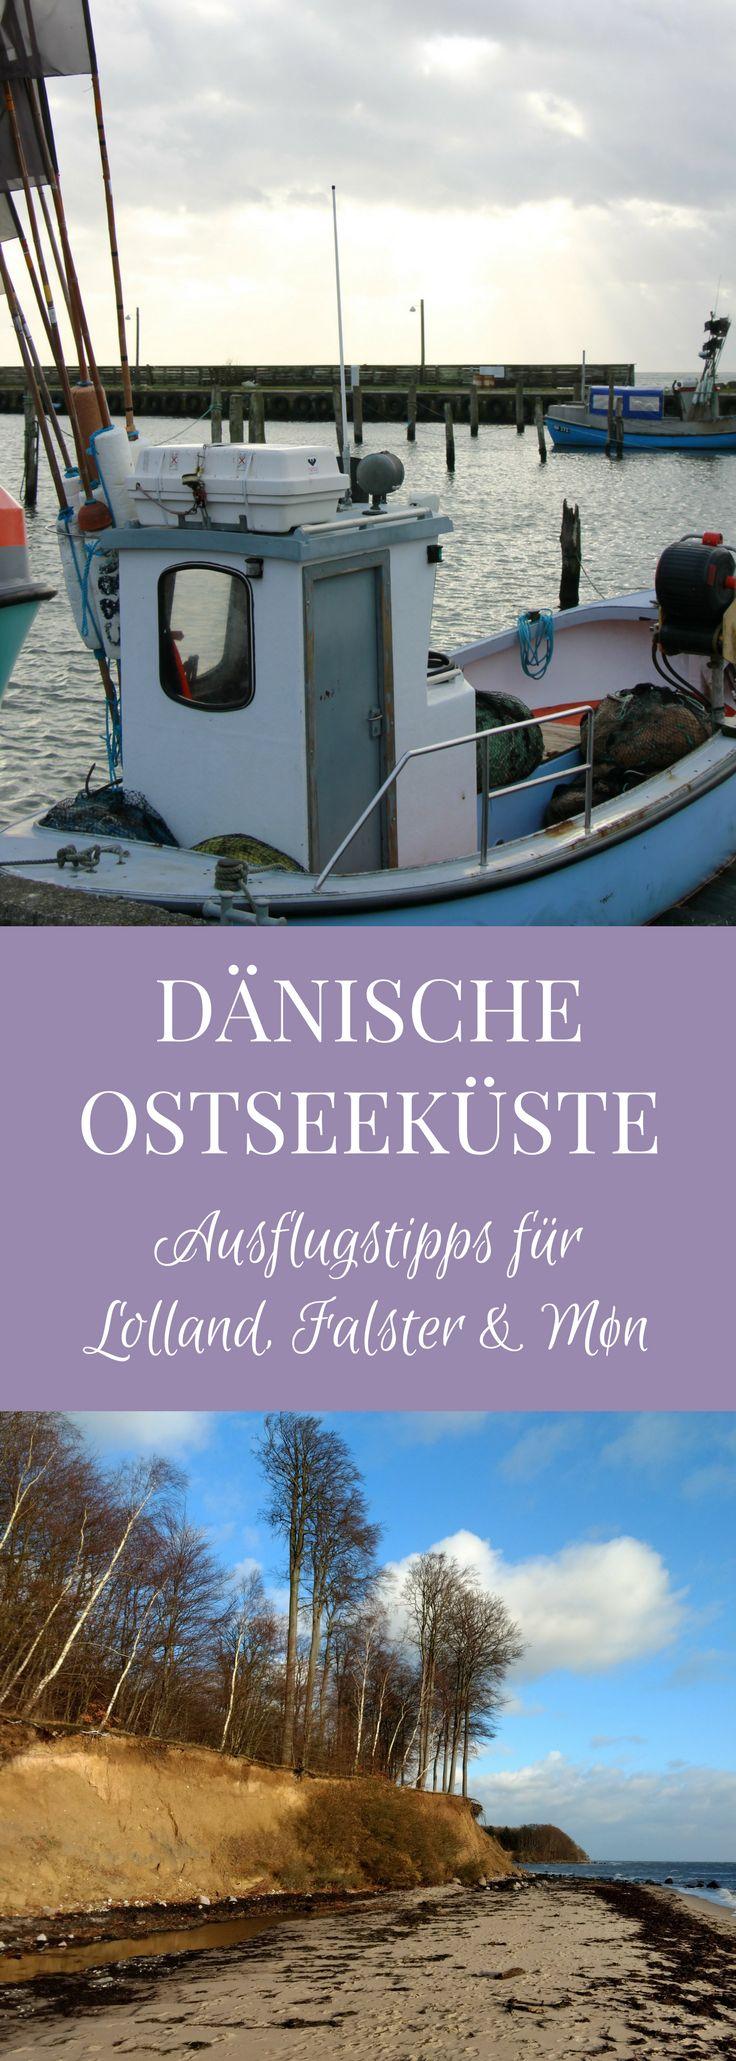 Dänemark Urlaub steht für viel Natur und Entspannung. Die dänische Ostseeküste ist bei deutschen Urlaubern eher unbekannter. Hier findet man Ausflugstipps für Lolland, Falster und Møn. Die Dänemark Tipps eignen sich für einen abwechslungsreichen Familienurlaub in Dänemark. Der Dänemark Urlaub mit Kindern wird so ein voller Erfolg.